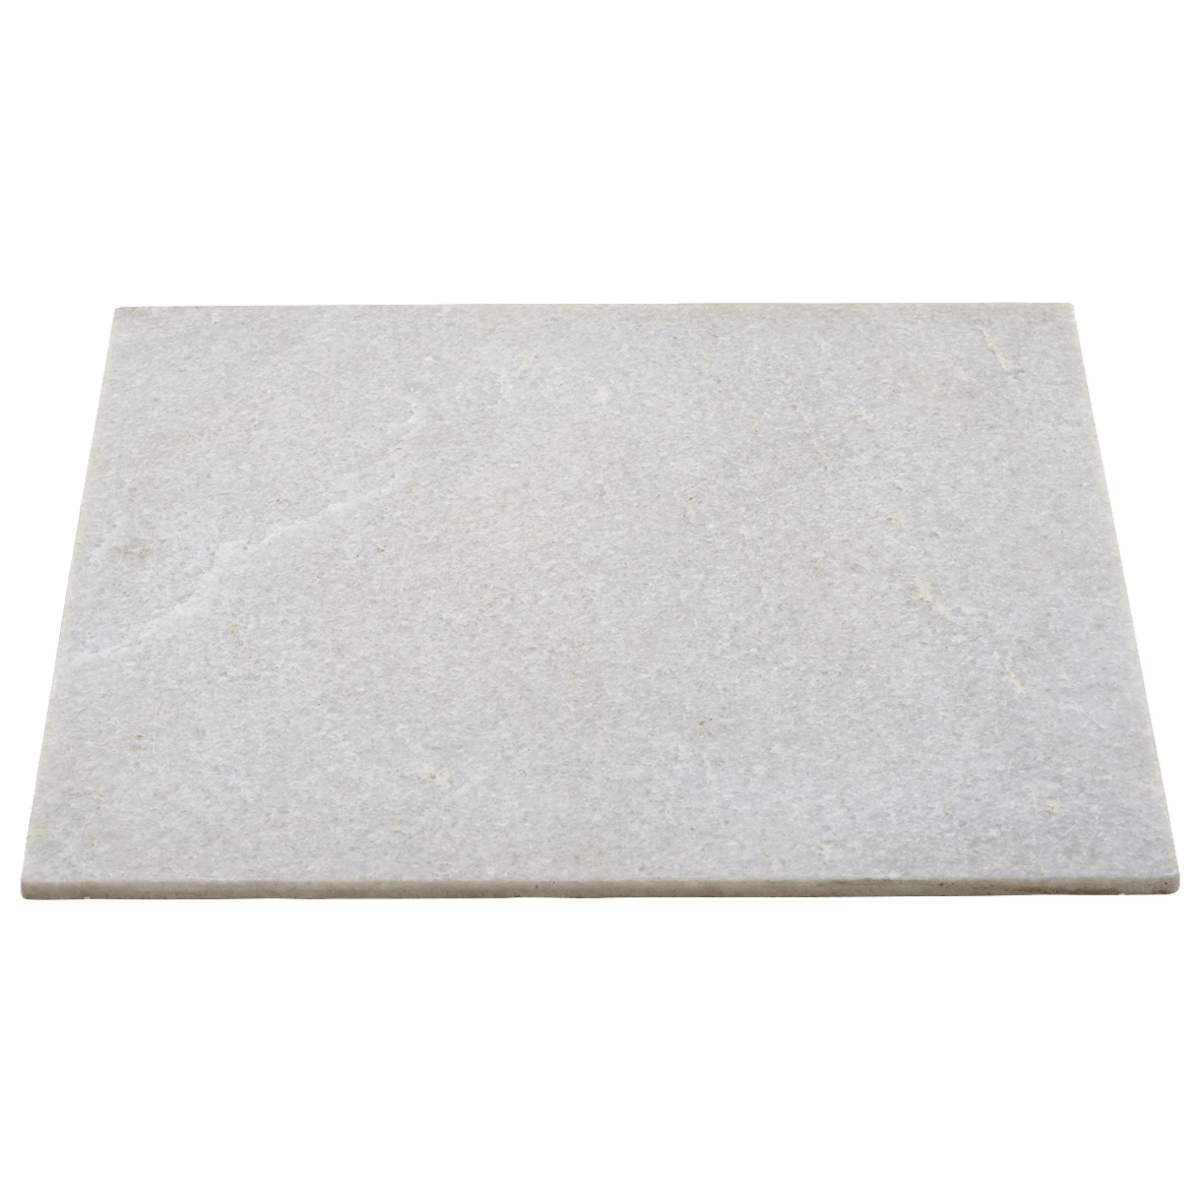 Bílá mramorová deska na stůl Marble - 60x60x1.5 cm